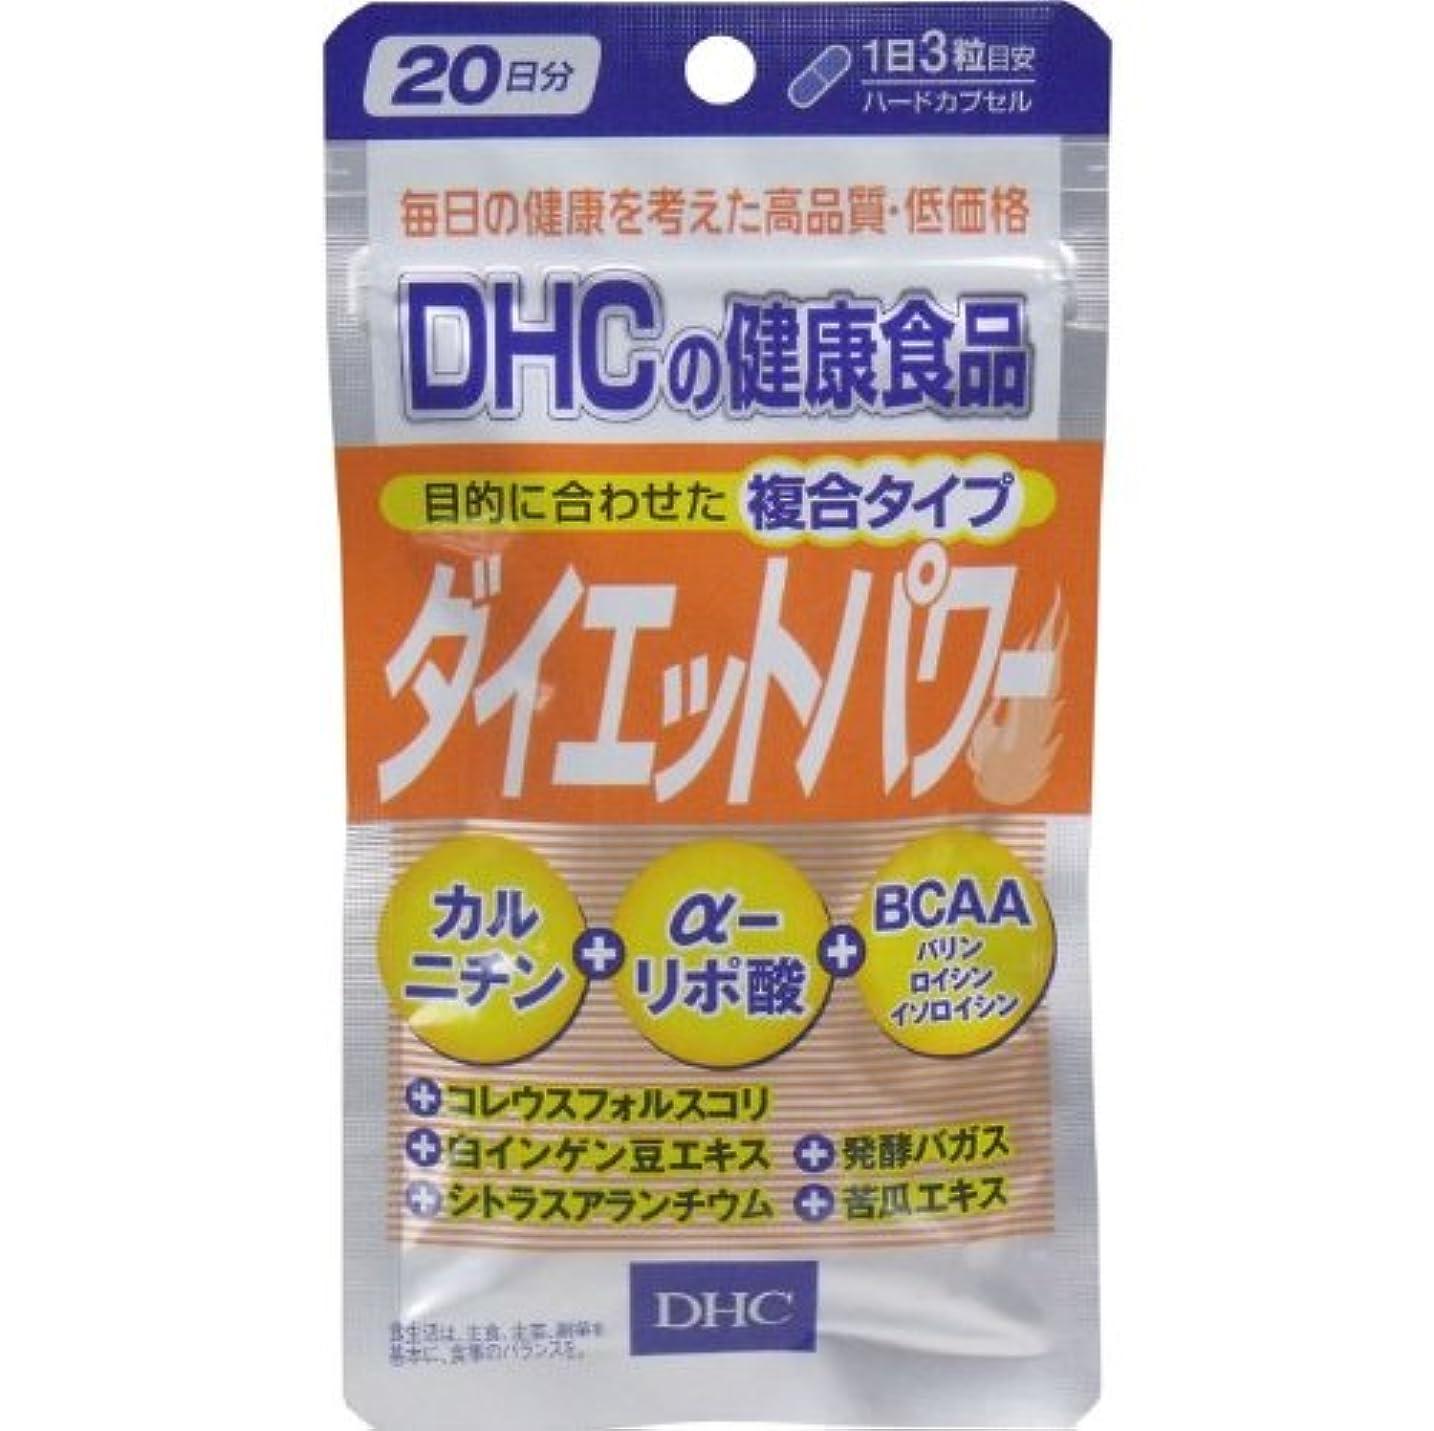 習慣スキル強打DHC ダイエットパワー 60粒入 【3個セット】